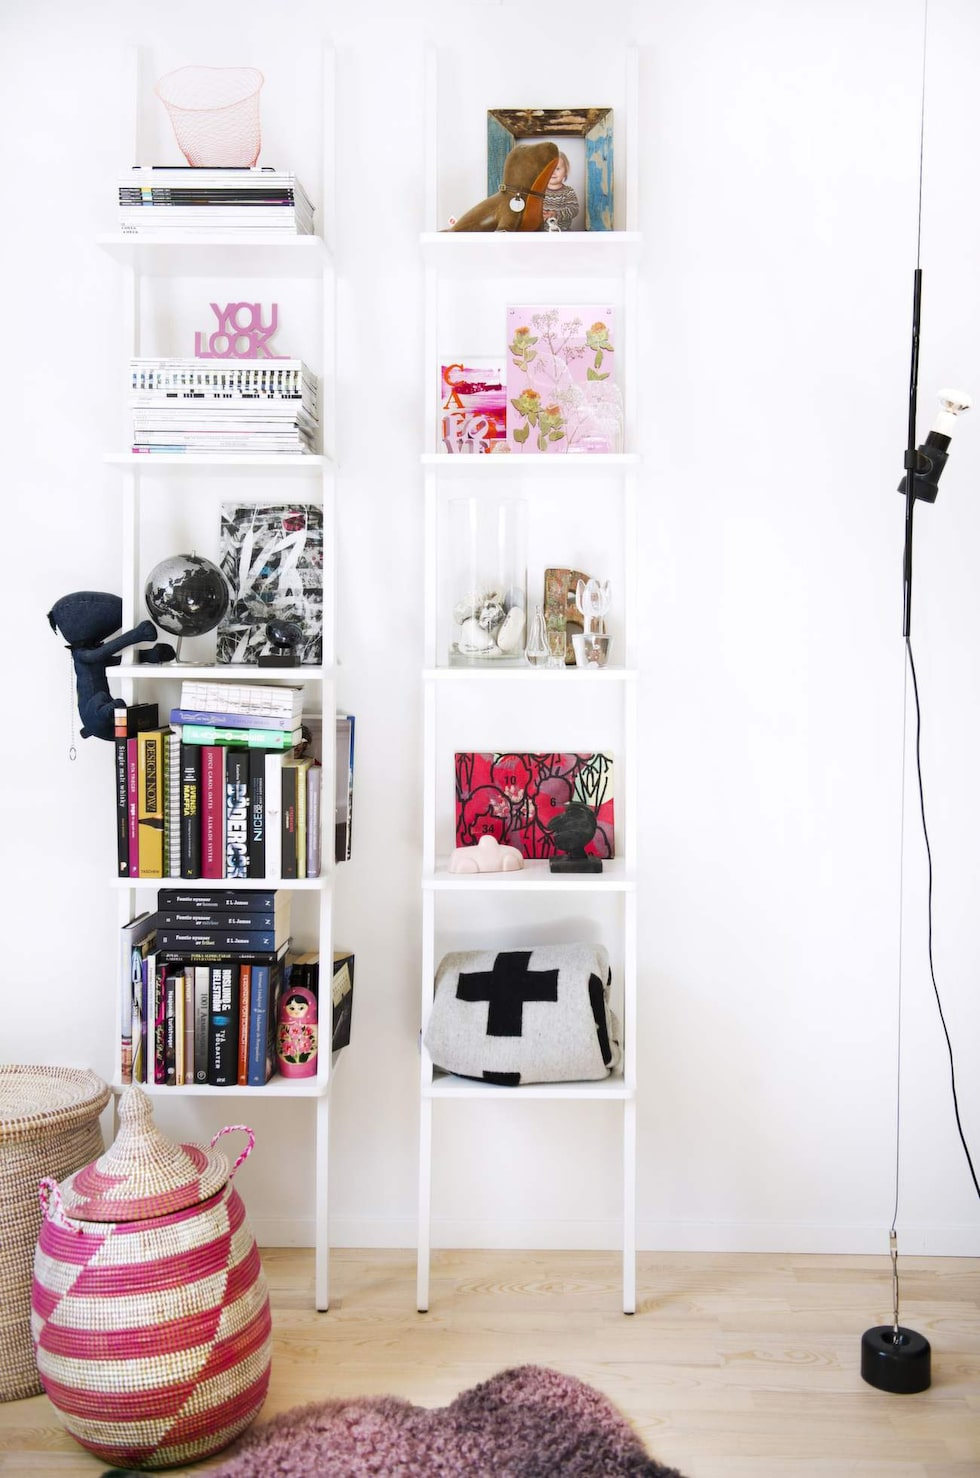 I hyllorna spawrar Catrine och hennes sambo fotografier, böcker, magasin och fynd från olika resor. Den rosa fårfällen kommer från Gotland och i korgarna förvarar Caroline magasin.